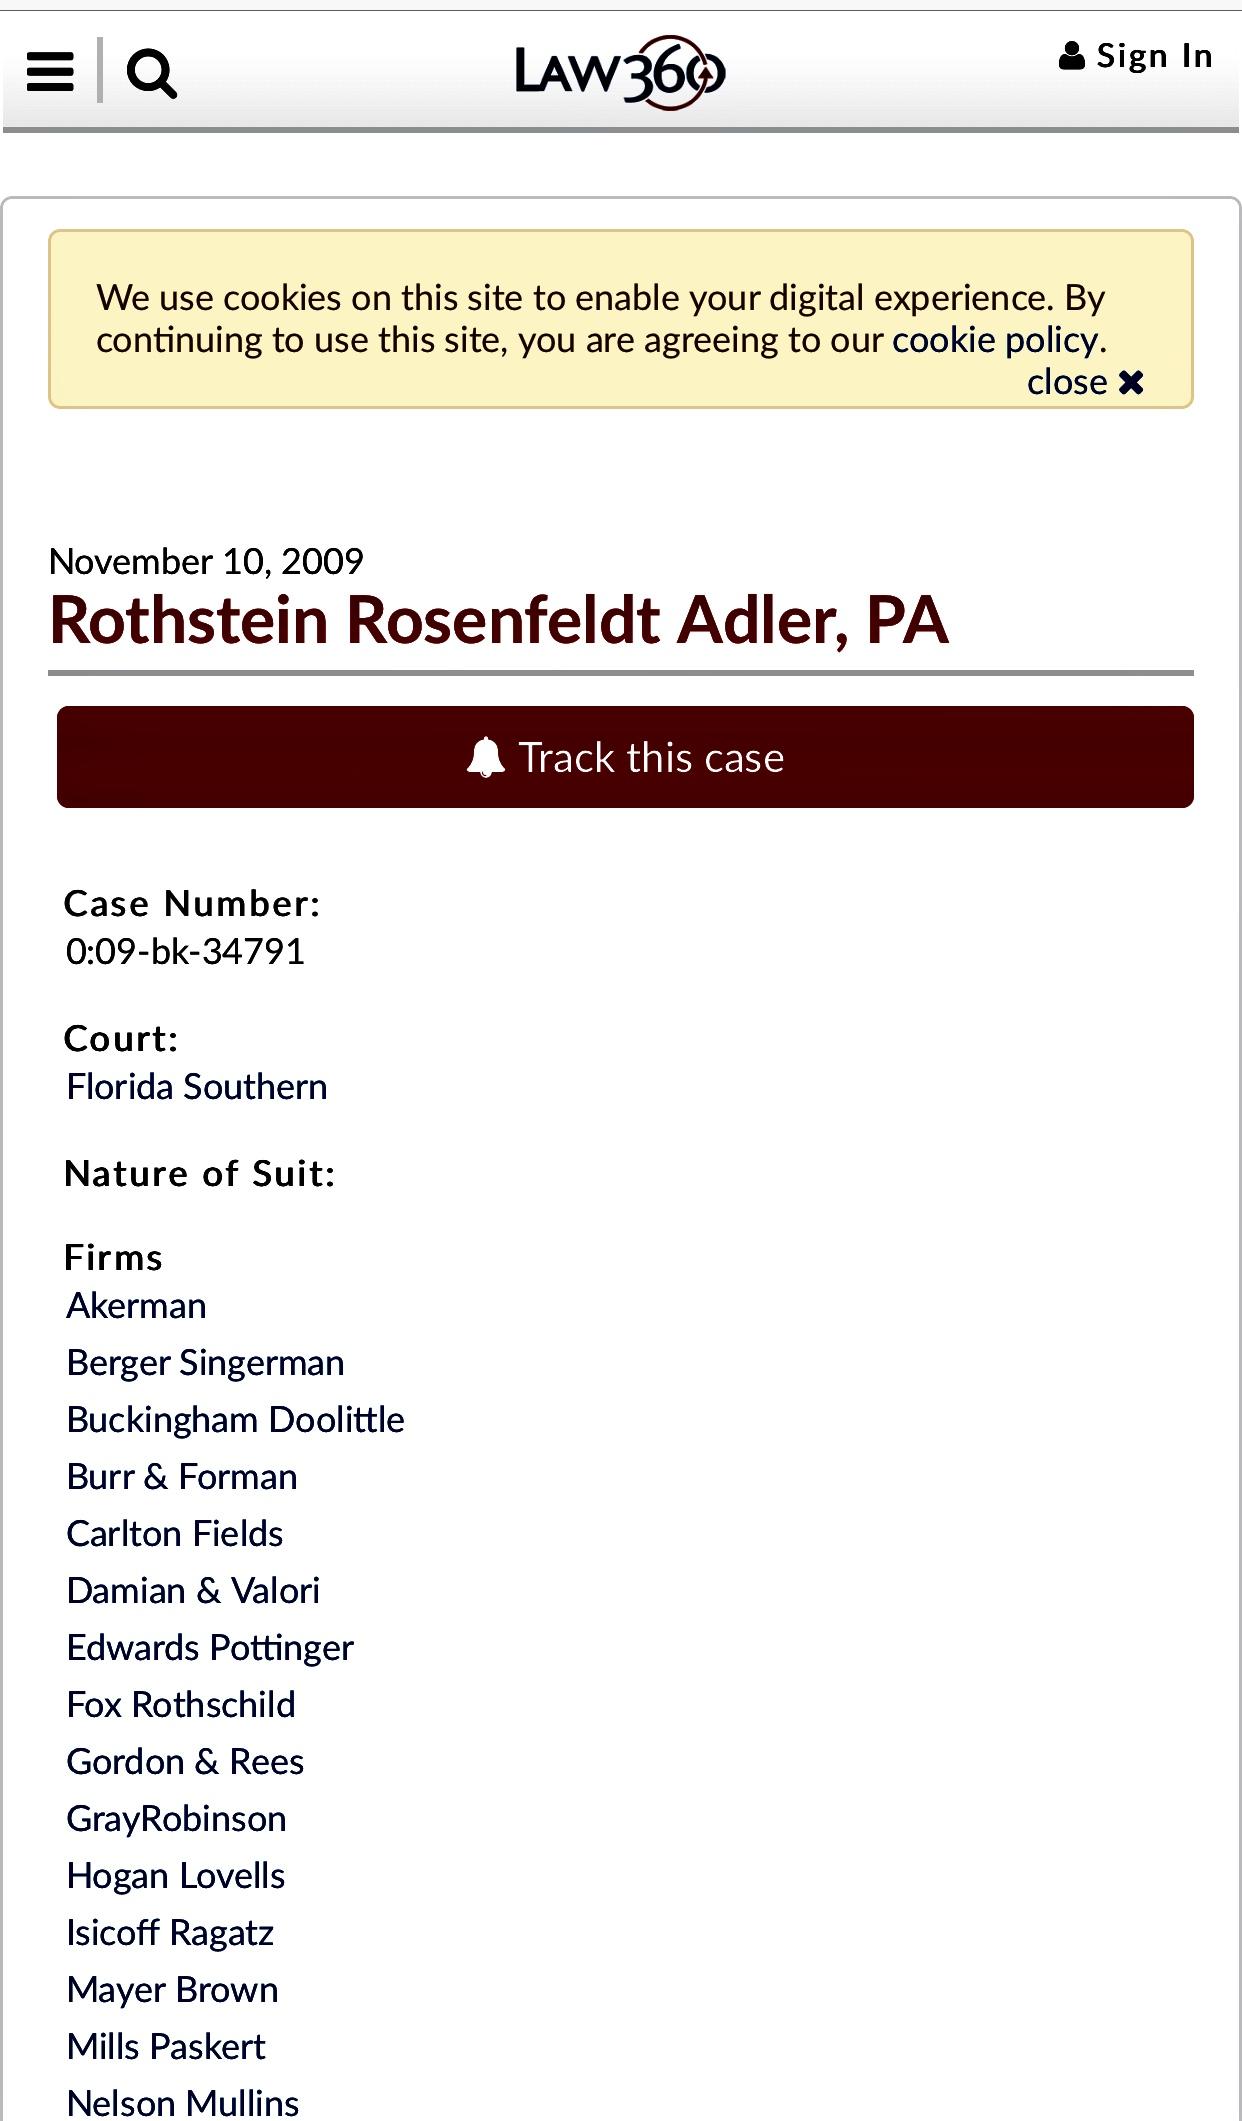 Jeffrey Epstein, Rothstein Rosenfedt Adler, And The World's Largest $1.2 Billion Dollar Ponzi Scheme